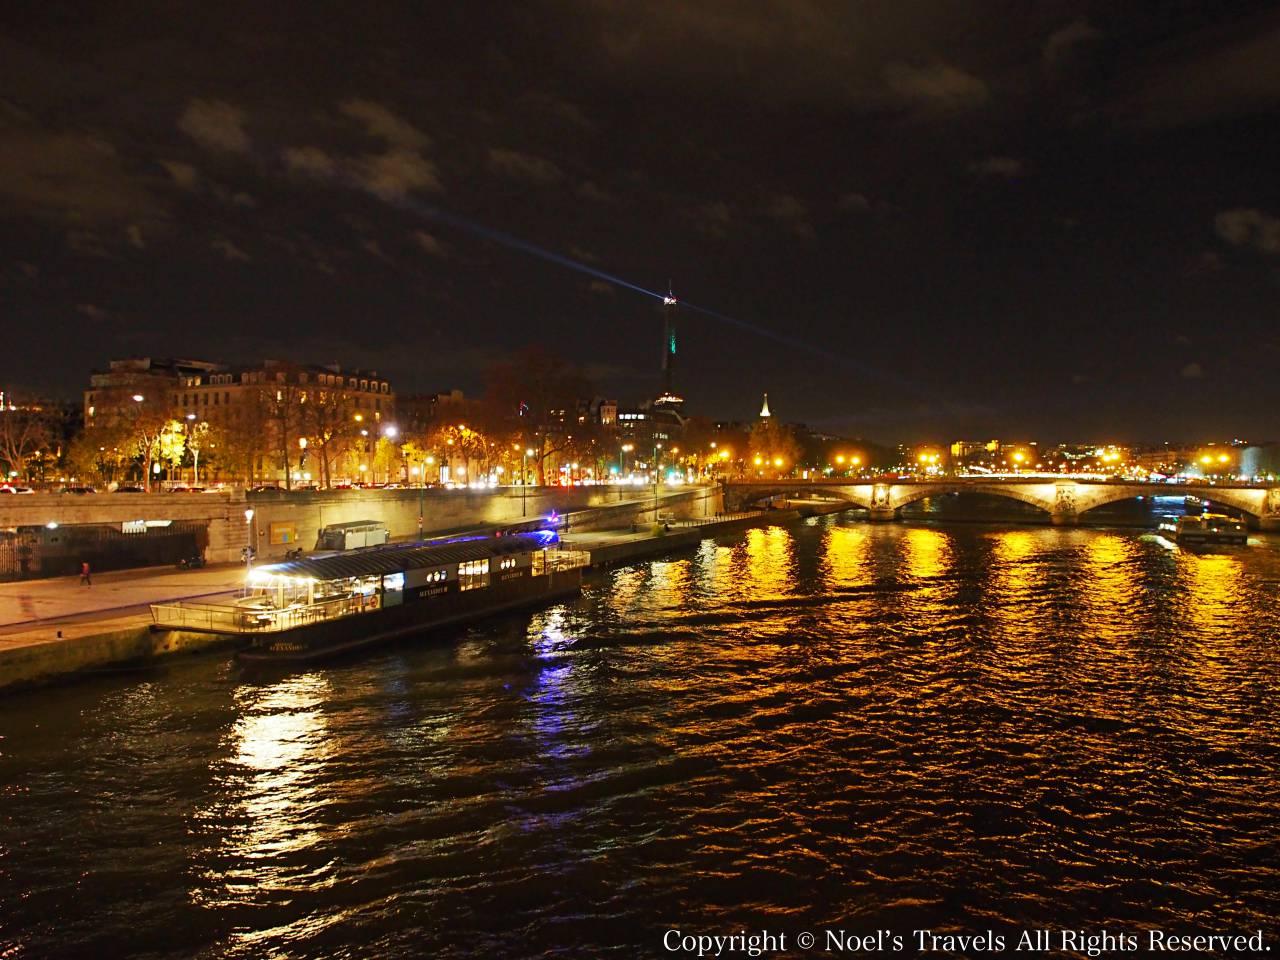 パリのセーヌ川とエッフェル塔の夜景